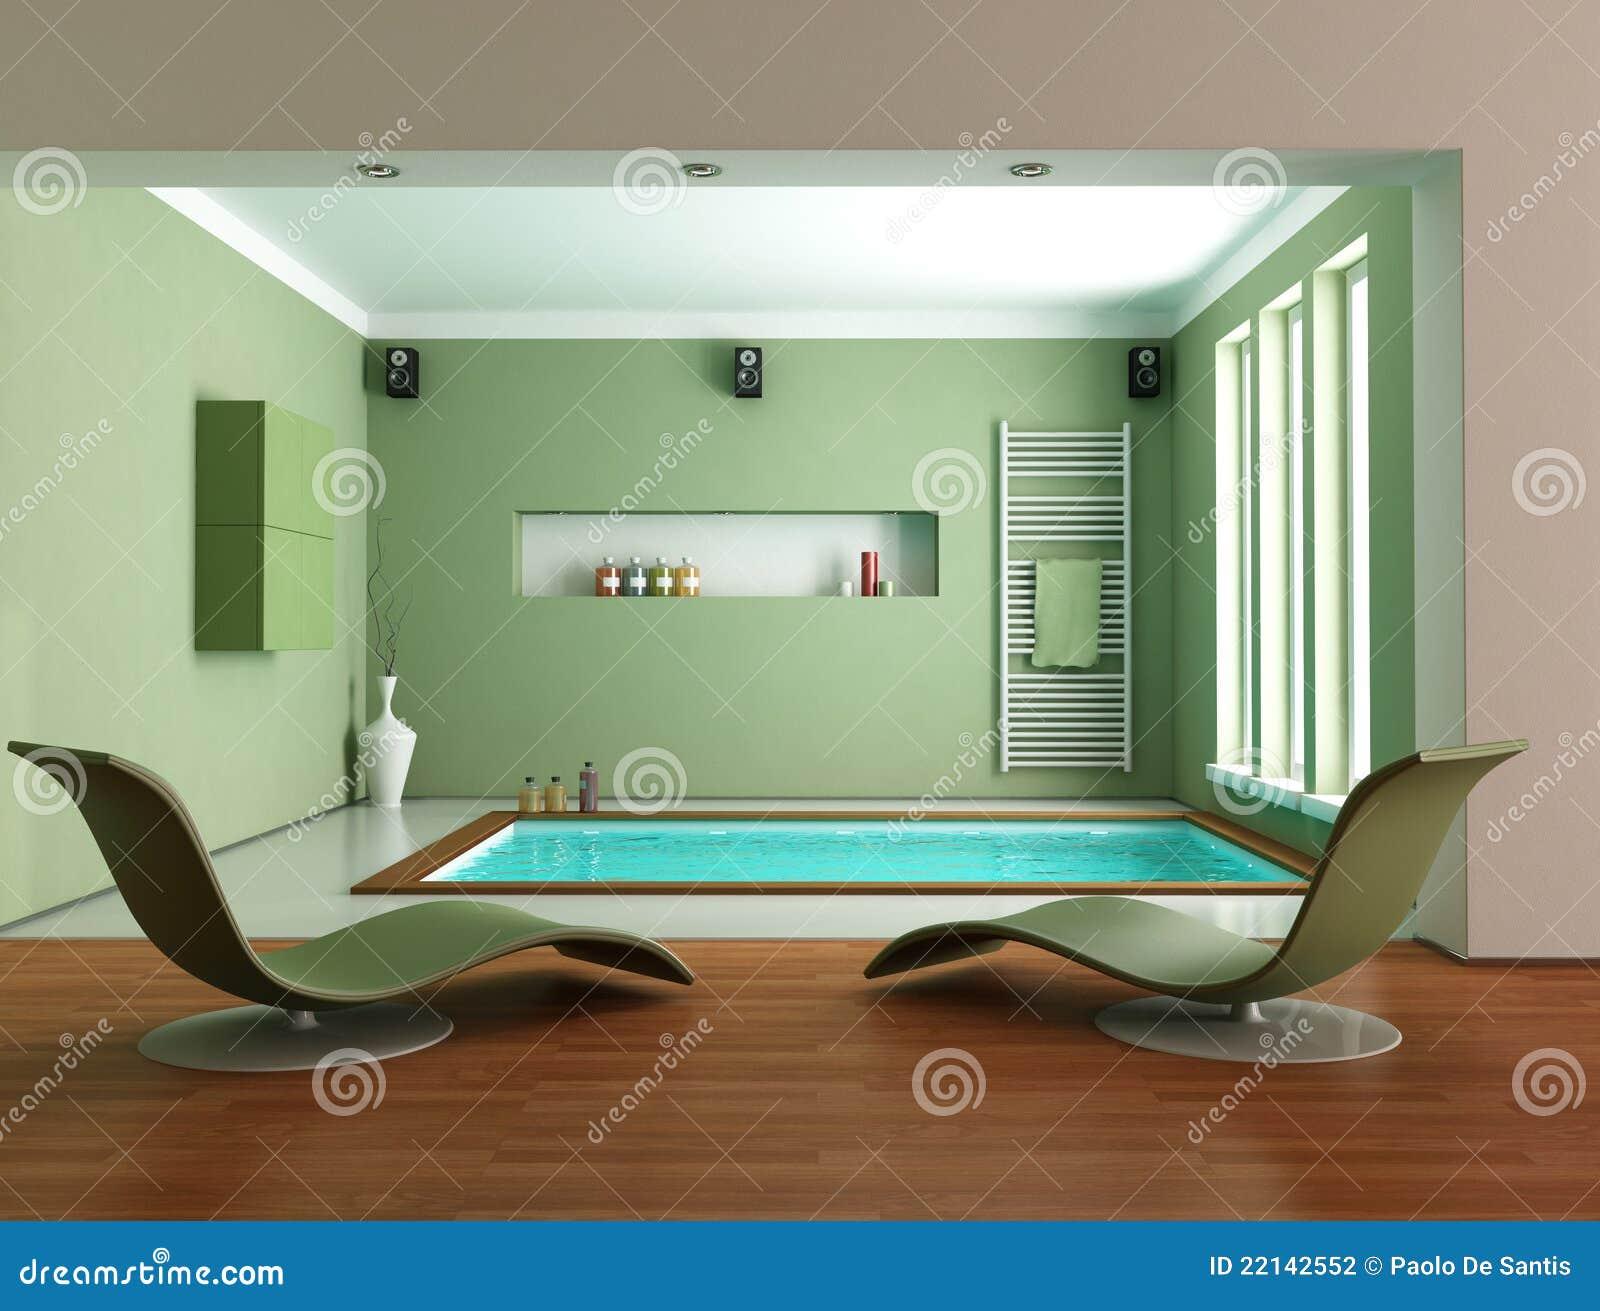 Stanza da bagno di lusso minimalista verde fotografia - Stanza da bagno ...